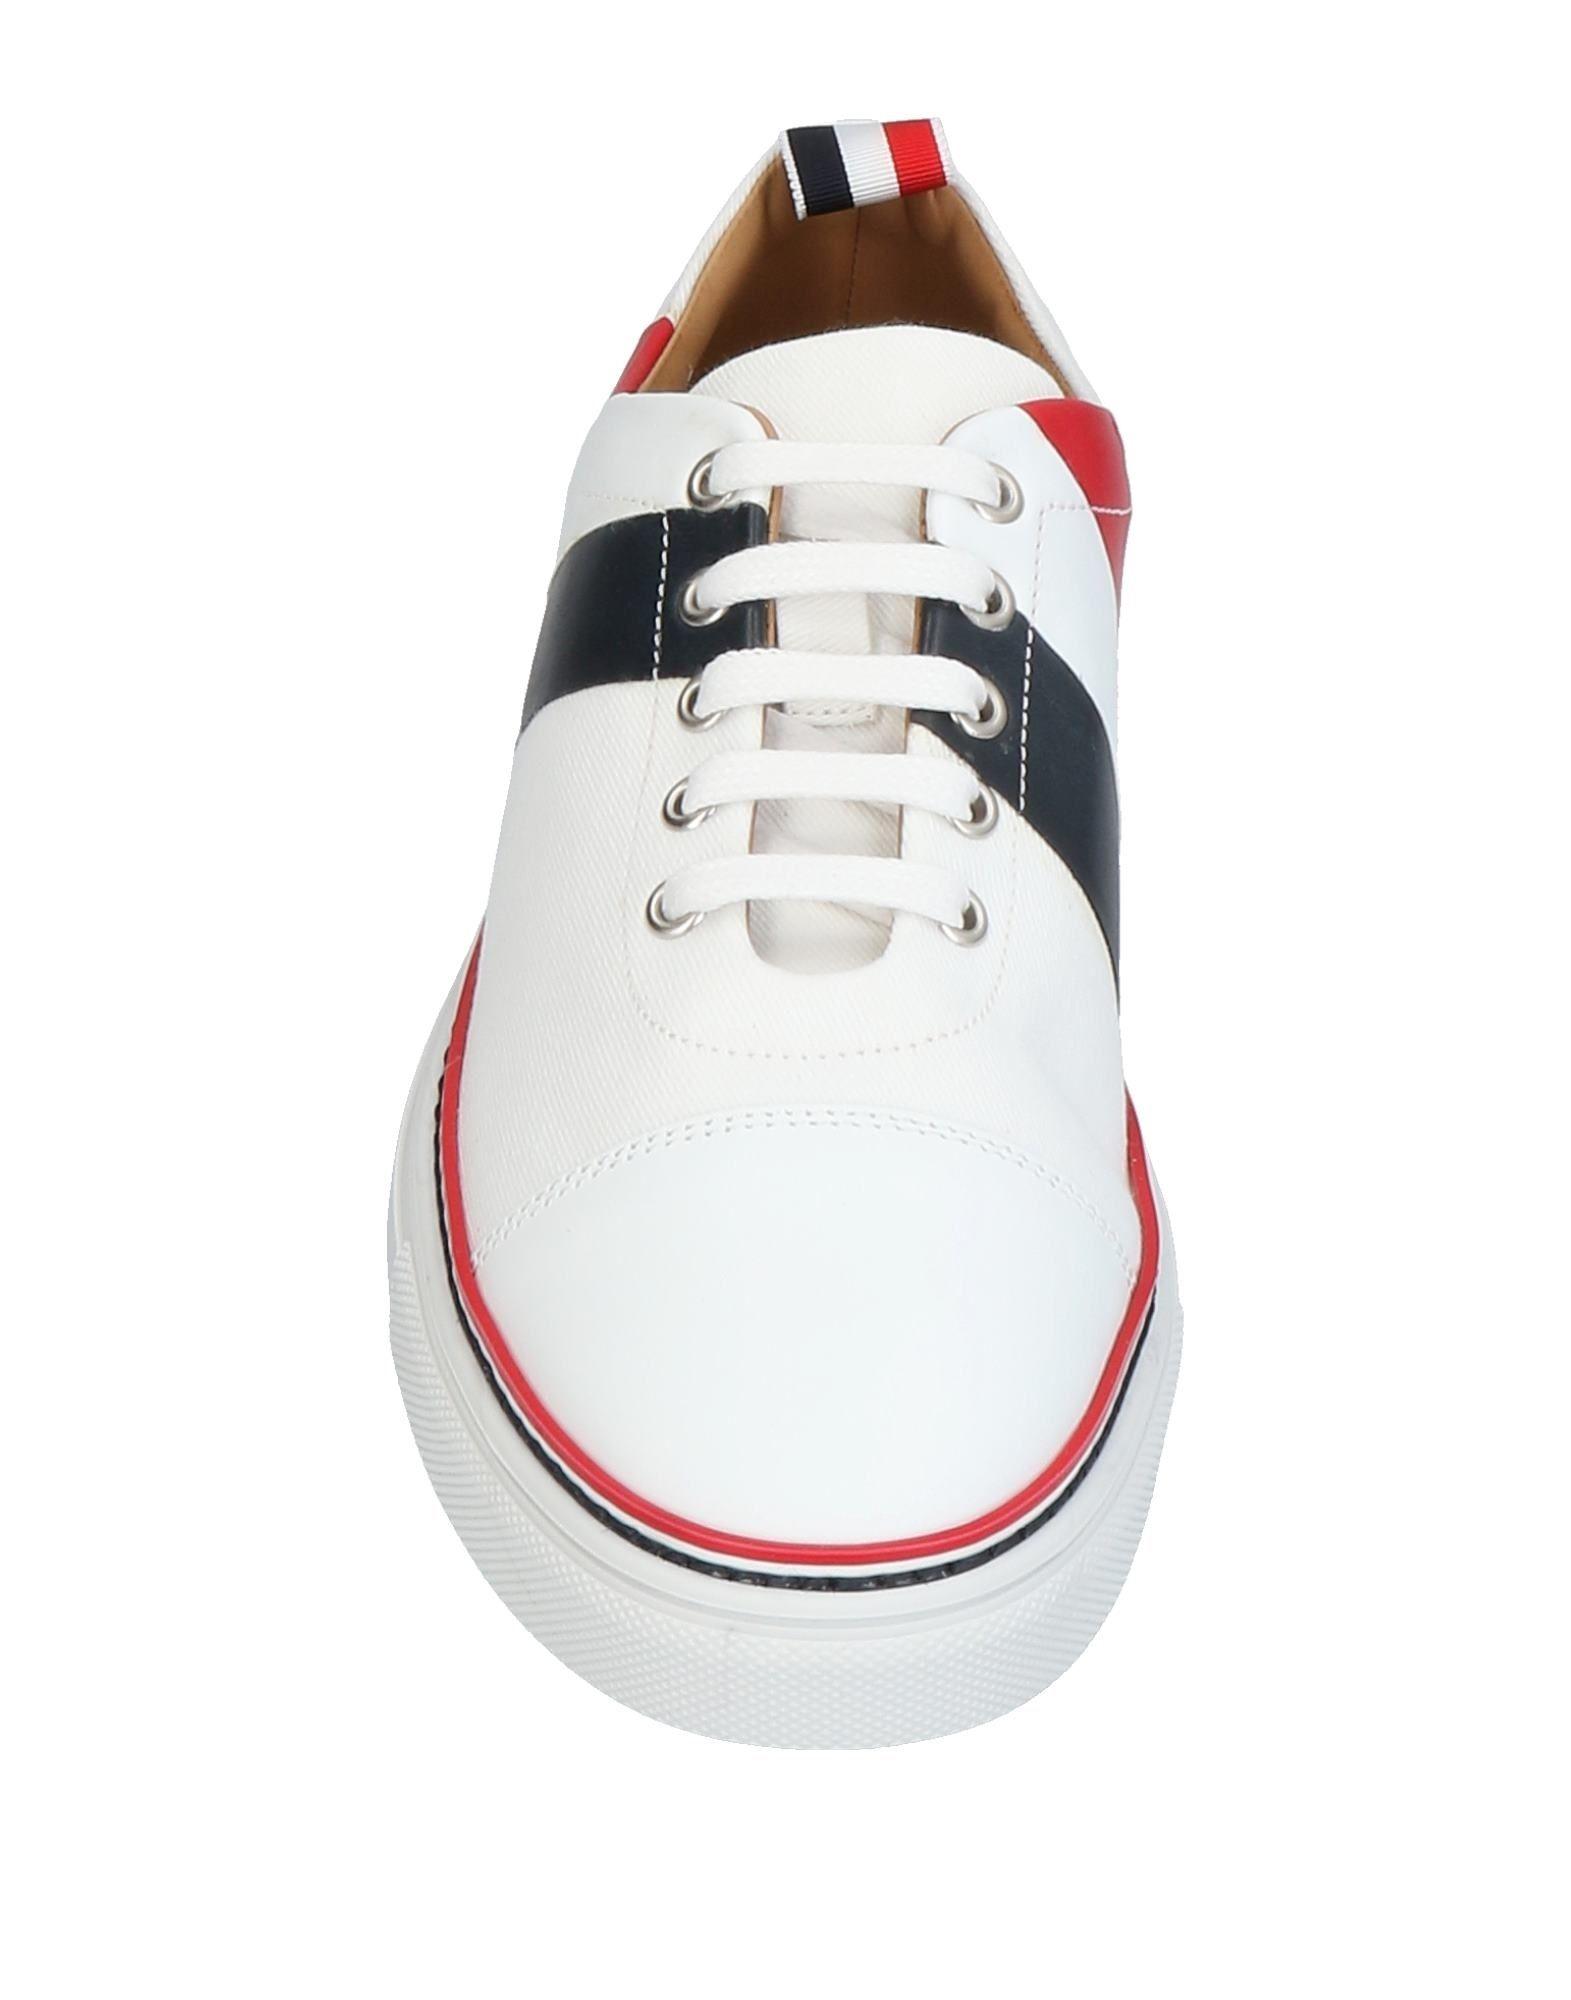 Thom Browne Sneakers 11434654NB Herren  11434654NB Sneakers 65b727